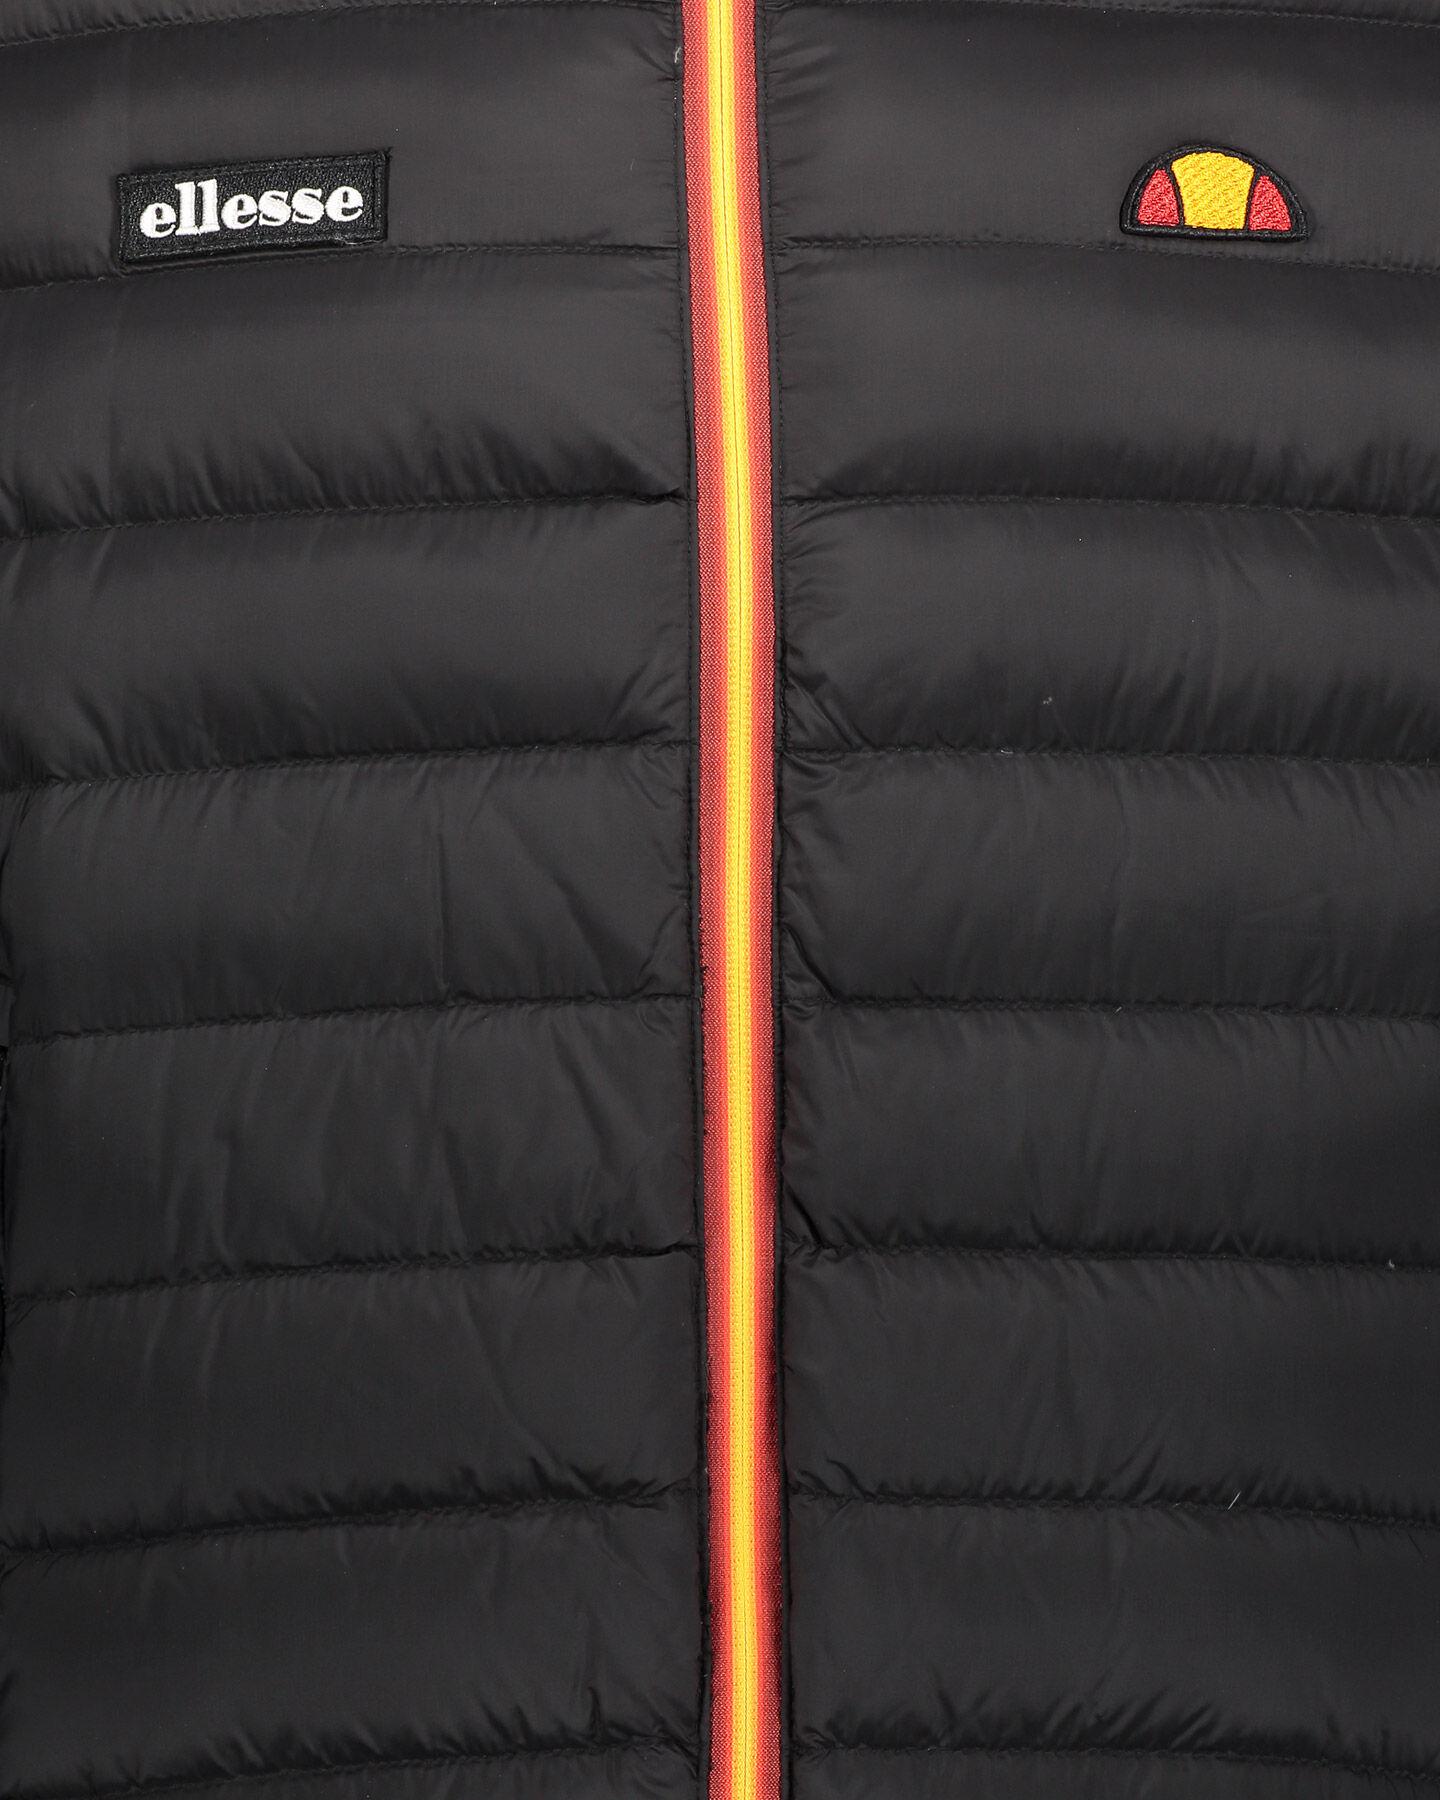 Giubbotto ELLESSE ULTRALIGHT M S4080486 scatto 3